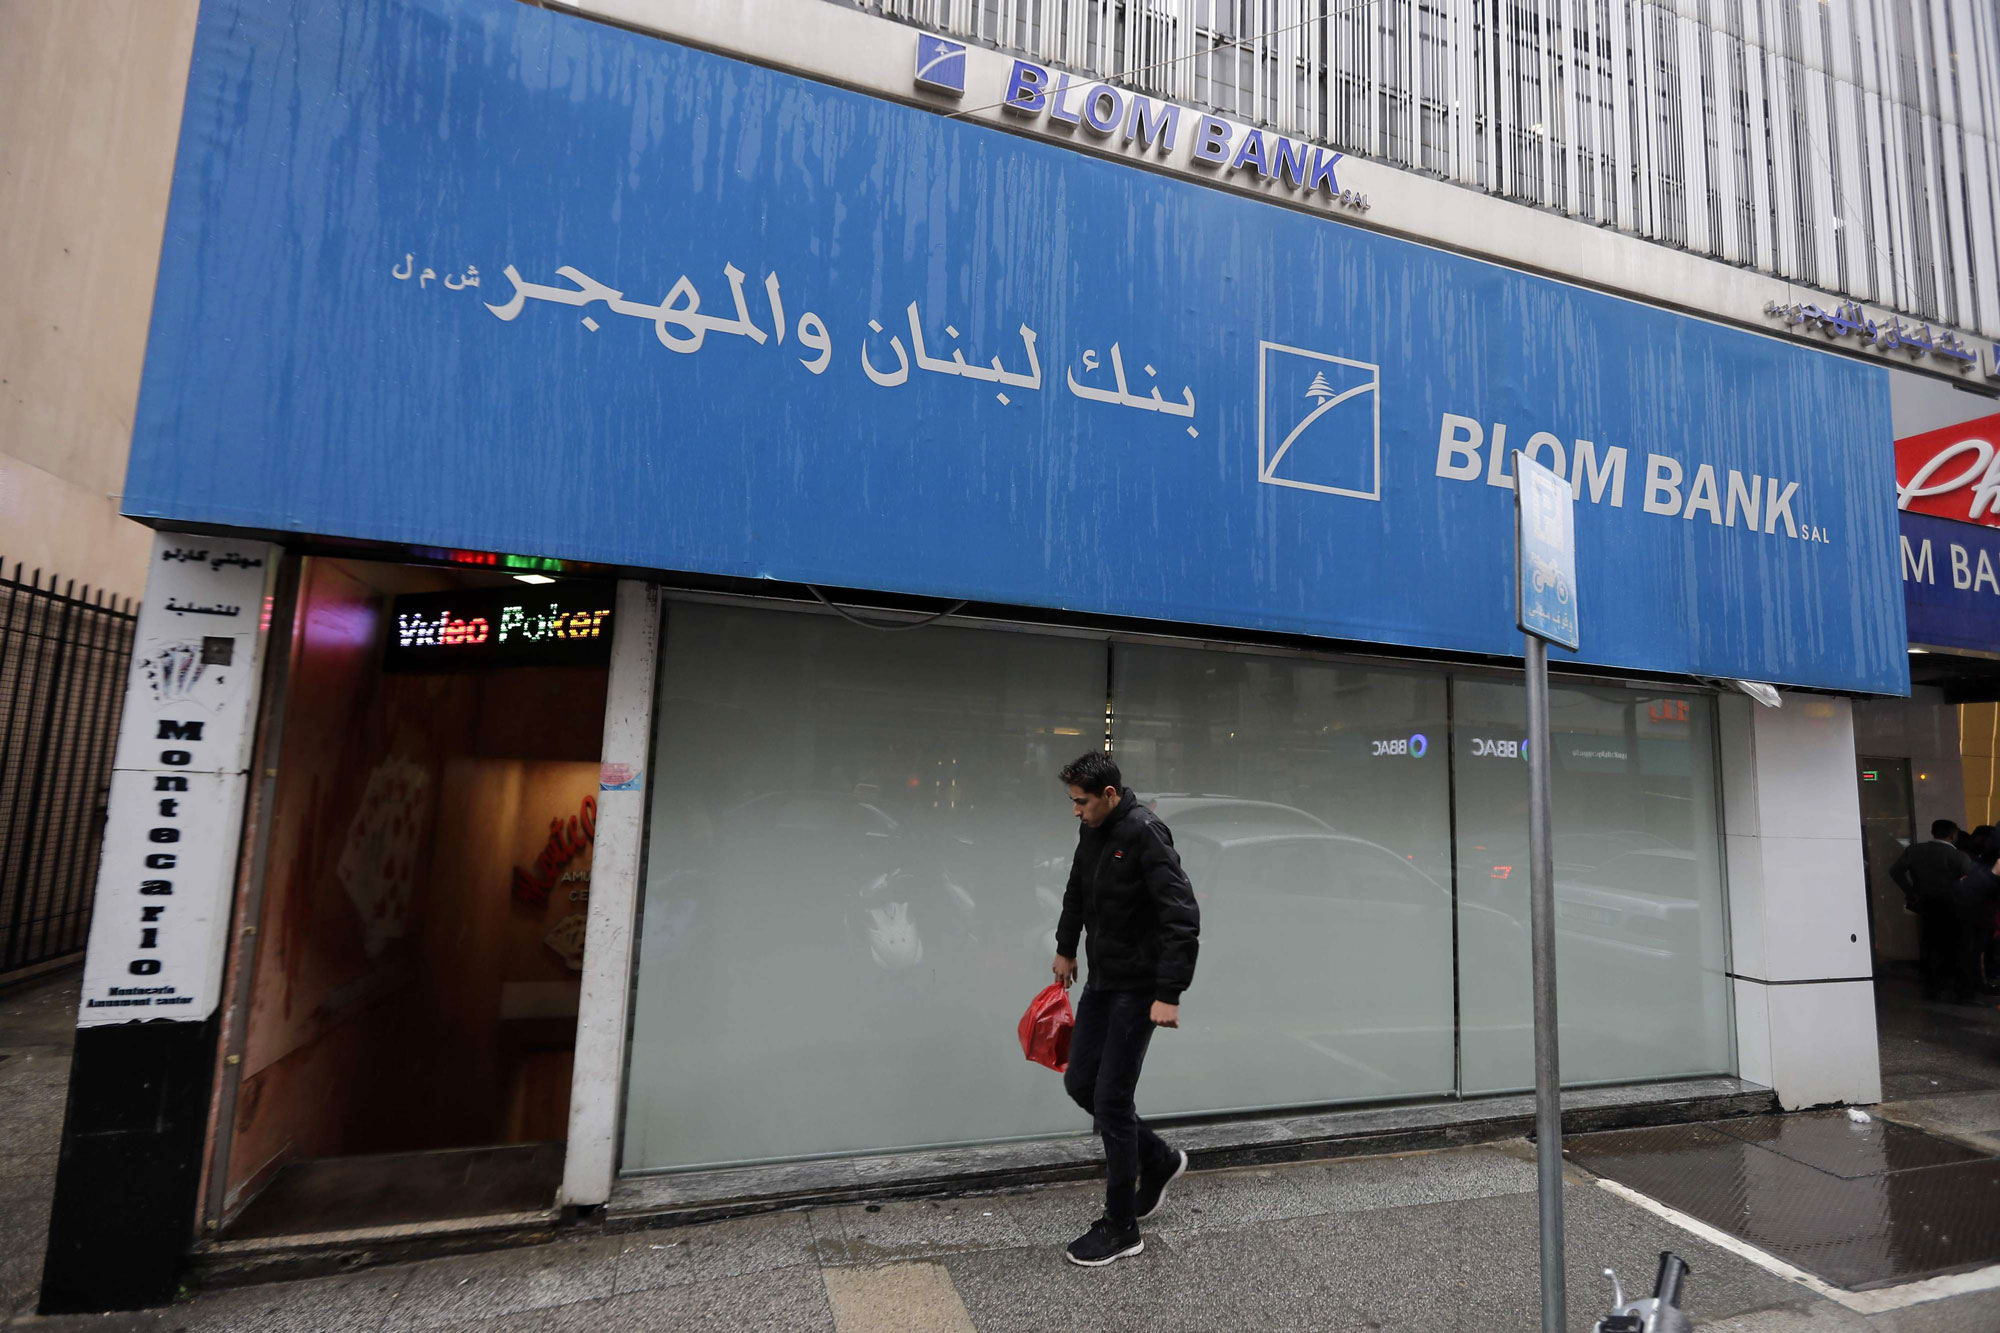 المصرف المركزي اللبناني يقرر الإفراج عن أموال المودعين بالبنوك وهذا المبلغ باستطاعتهم سحبه شهرياً